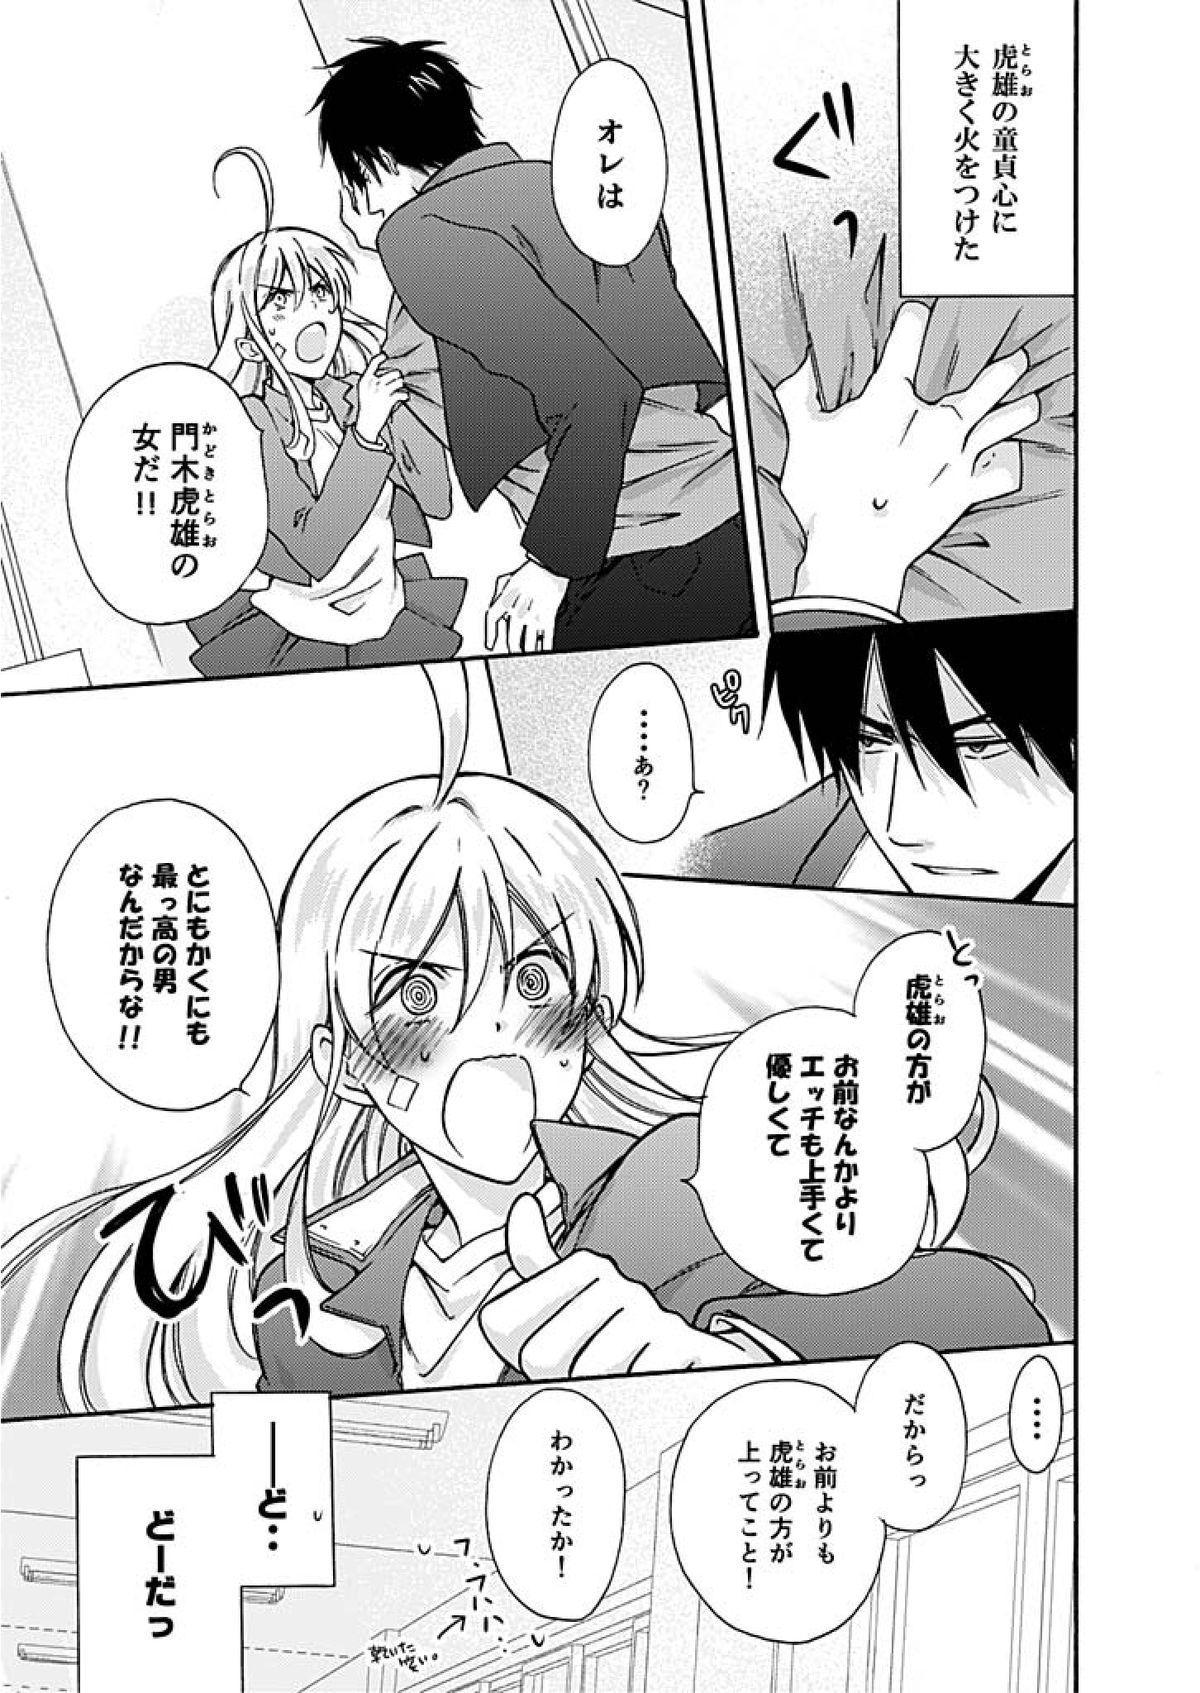 Nyotaika Yankee Gakuen ☆ Ore no Hajimete, Nerawaretemasu. 2 13